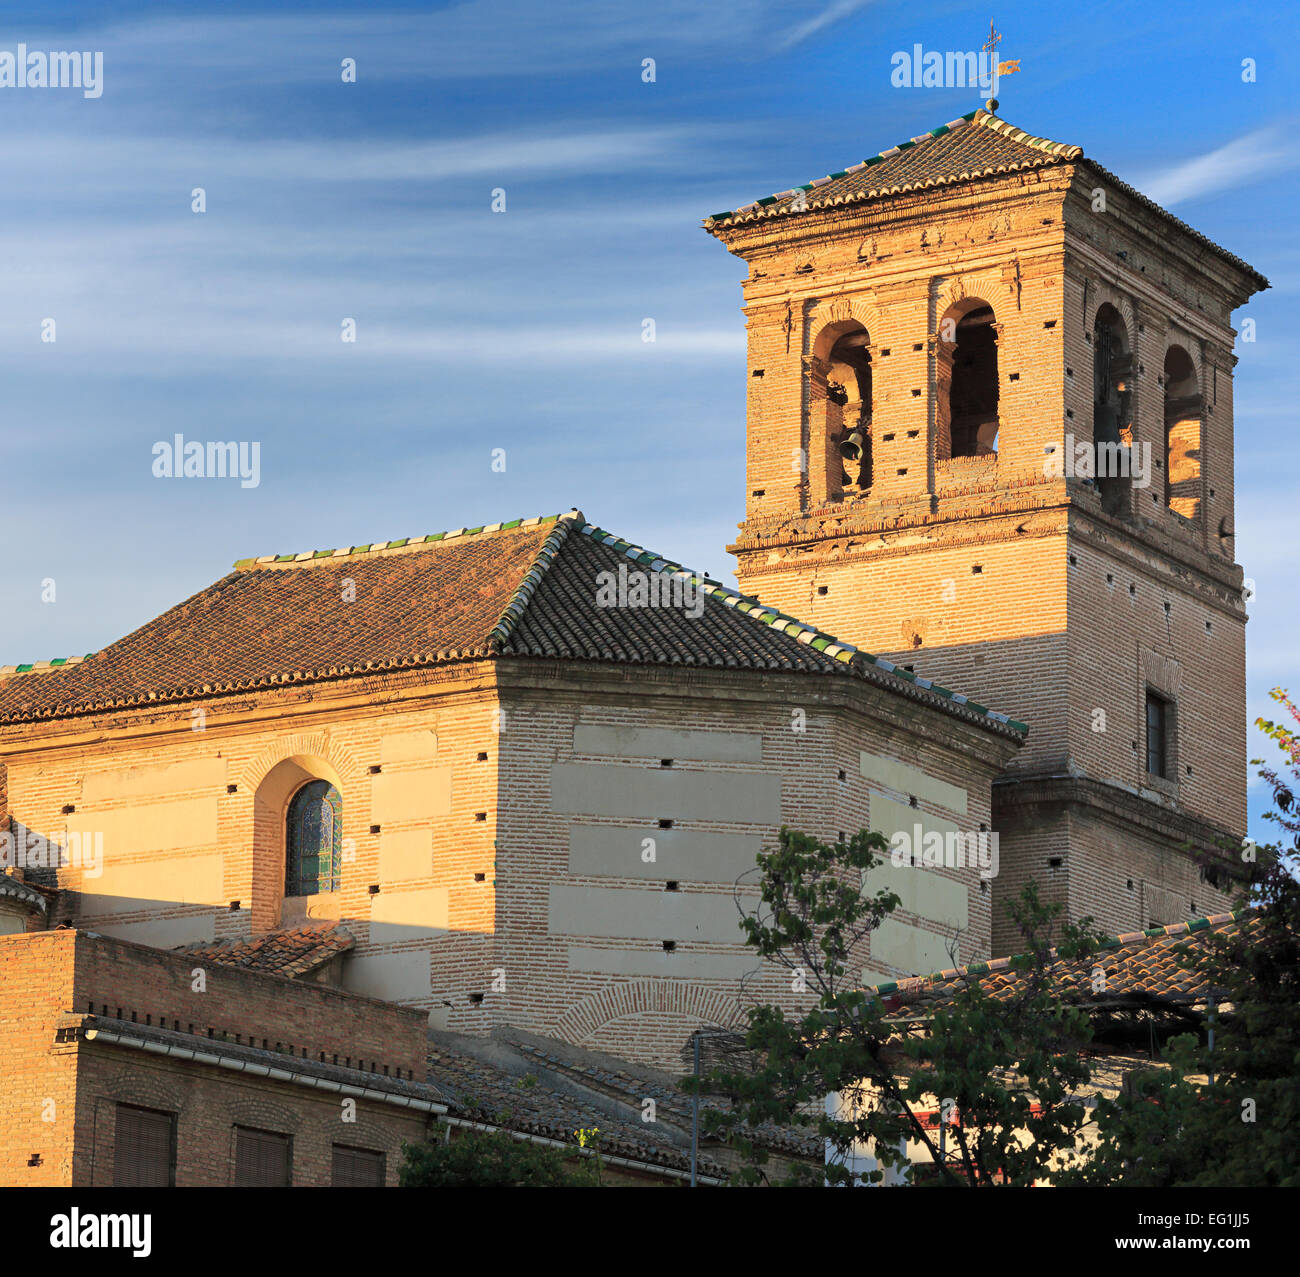 Belltower of Colegiata del Salvador Albayzin church, Granada, Andalusia, Spain - Stock Image